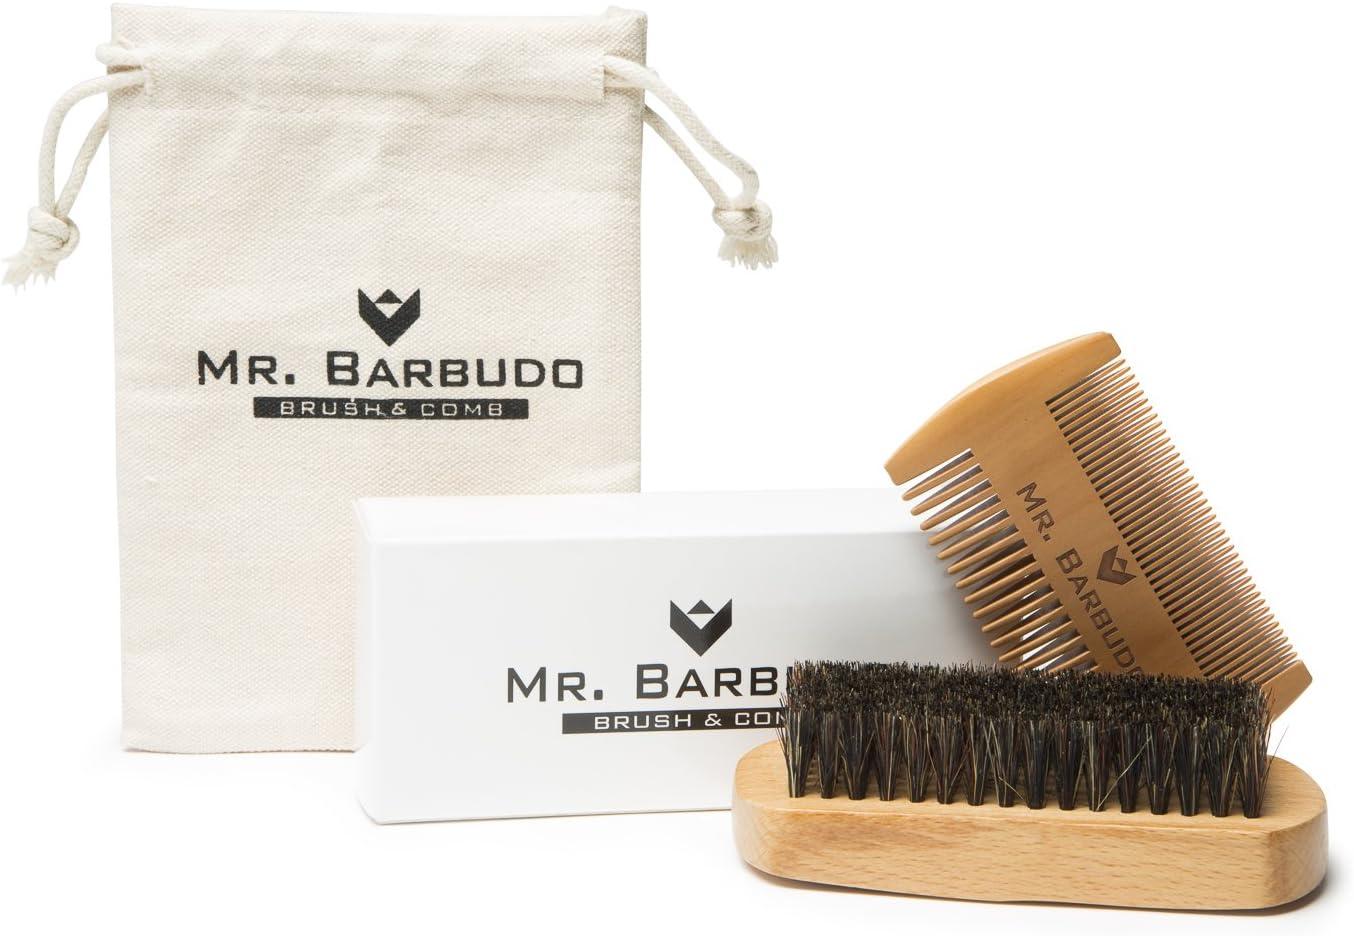 Mr. Barbudo Cepillo Para Barba Cerdas de Jabalí y Peine a Juego Con Bolsa Estuche Premium: Amazon.es: Salud y cuidado personal